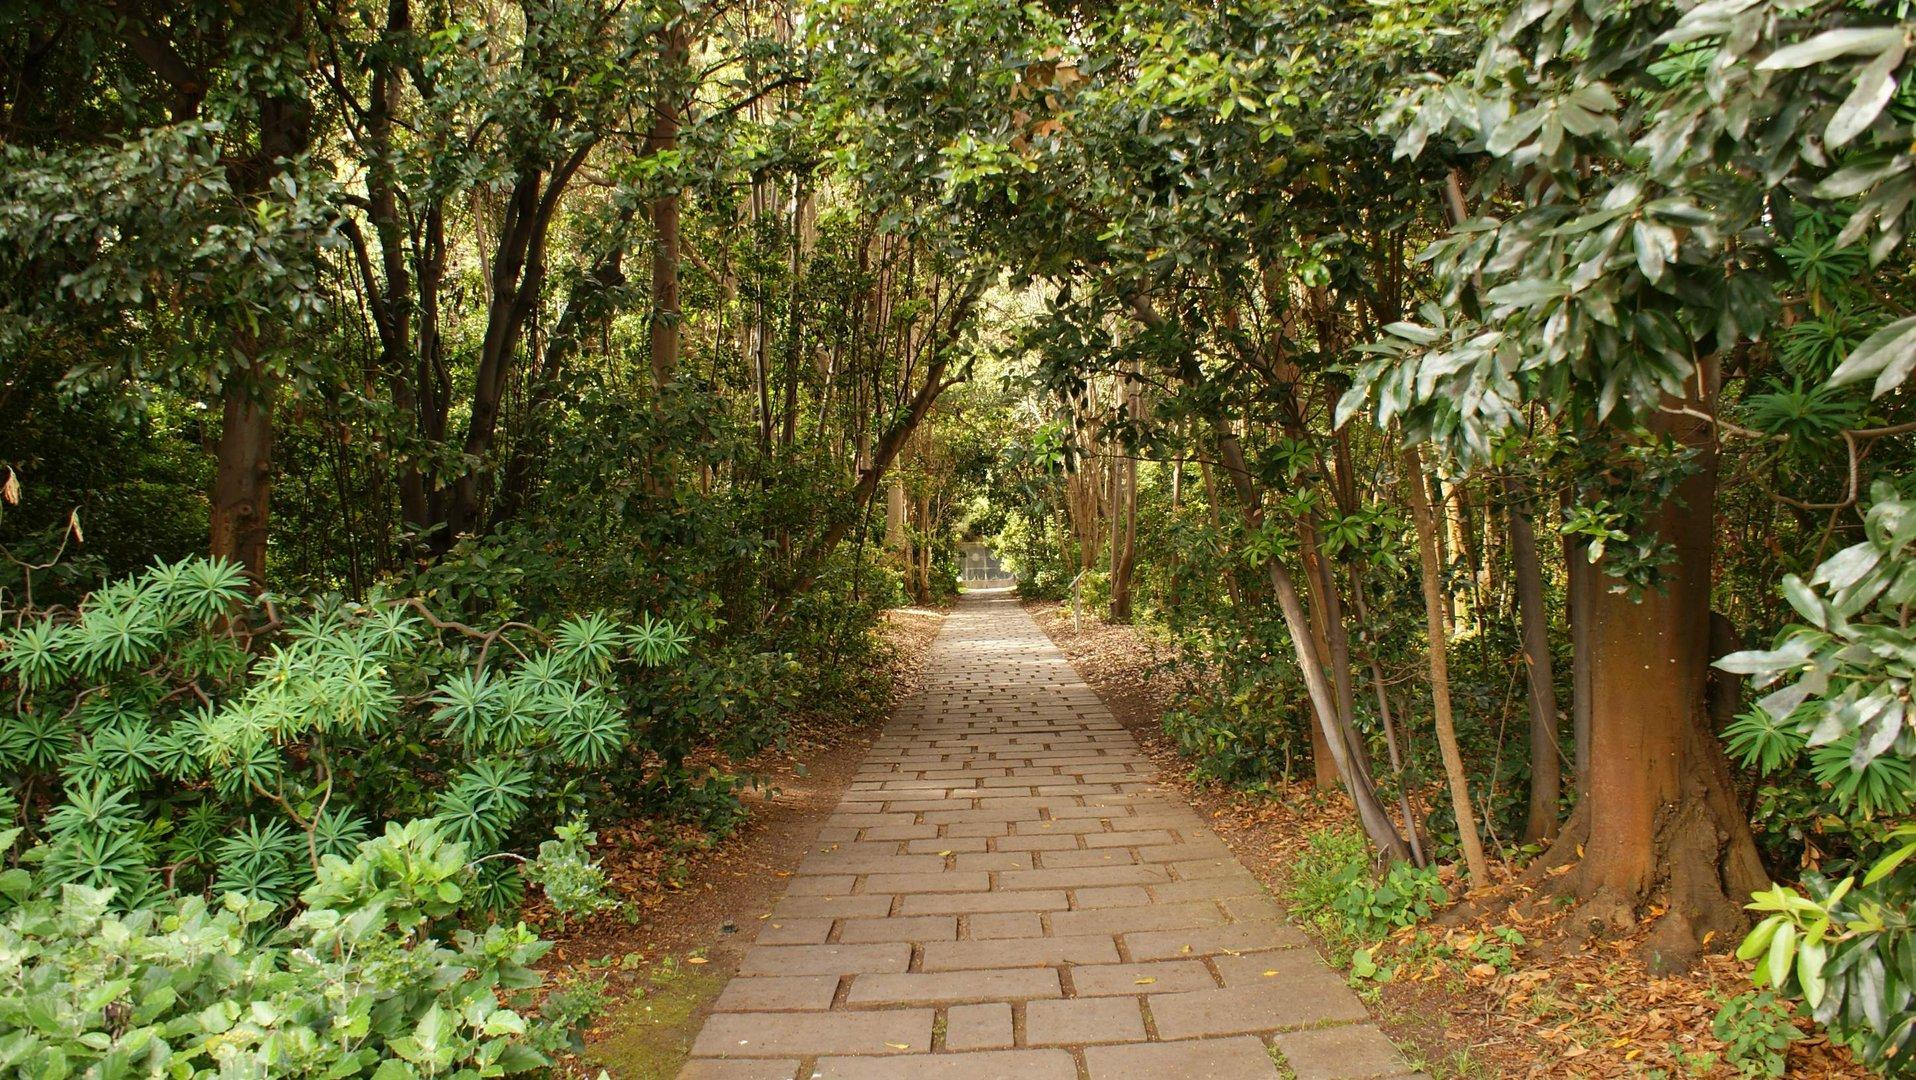 Un paseo por le jard n canario imagen foto emociones for Jardin canario